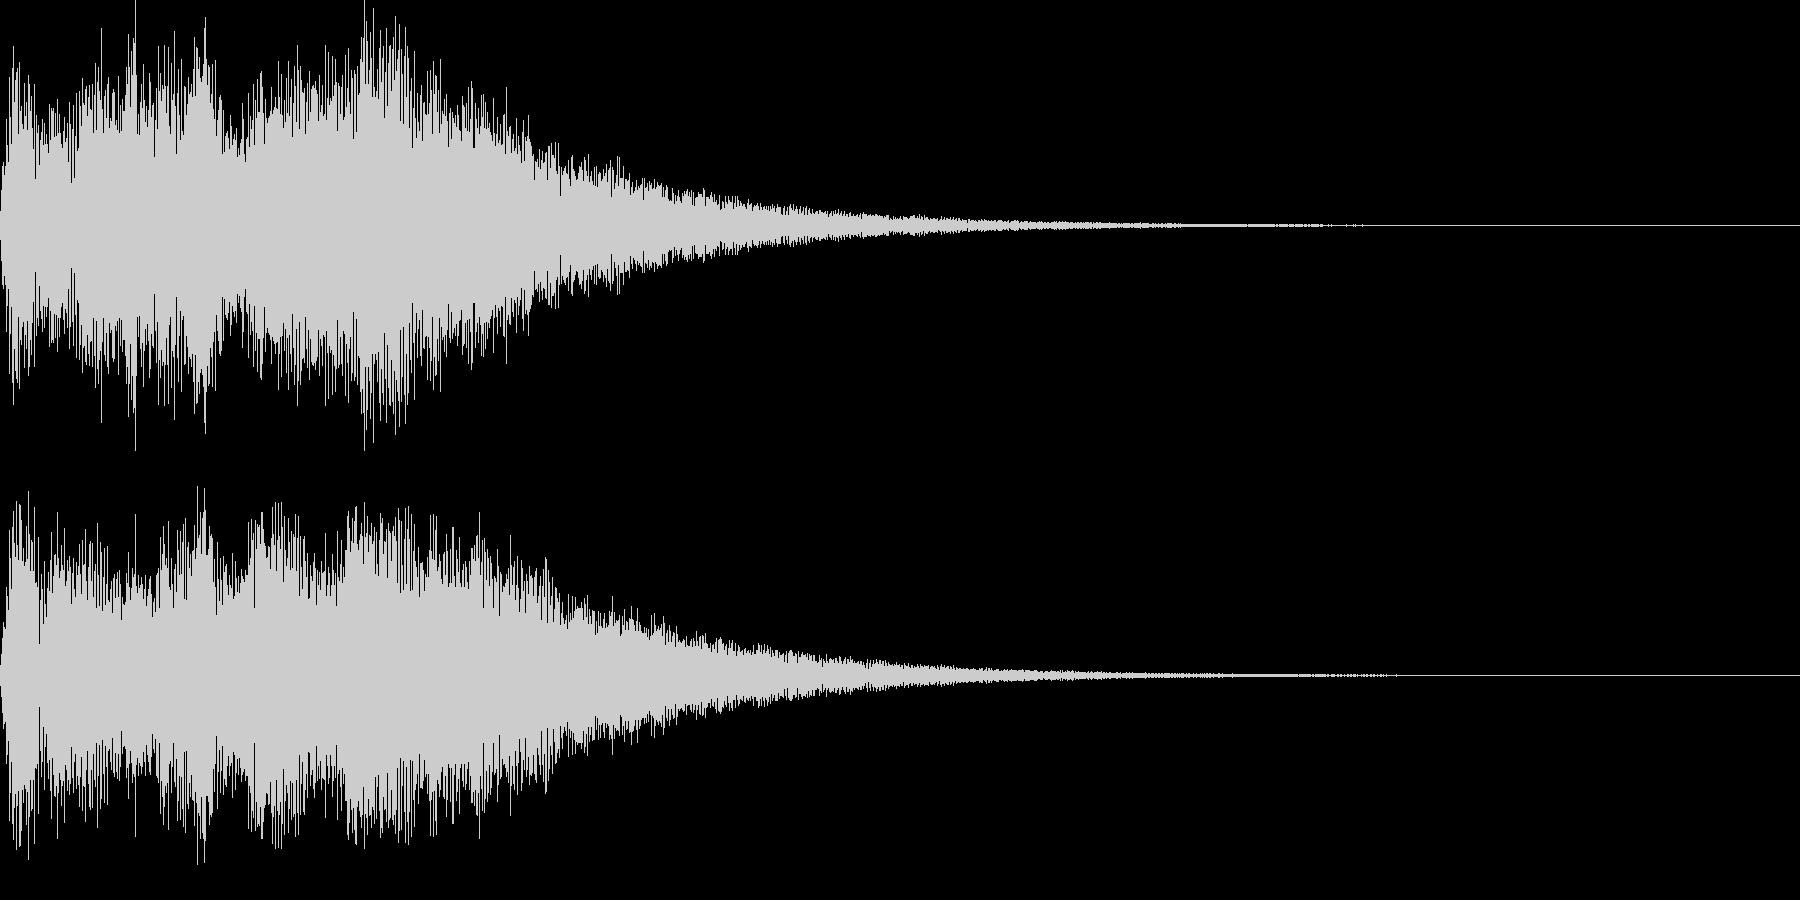 サウンドロゴ07の未再生の波形